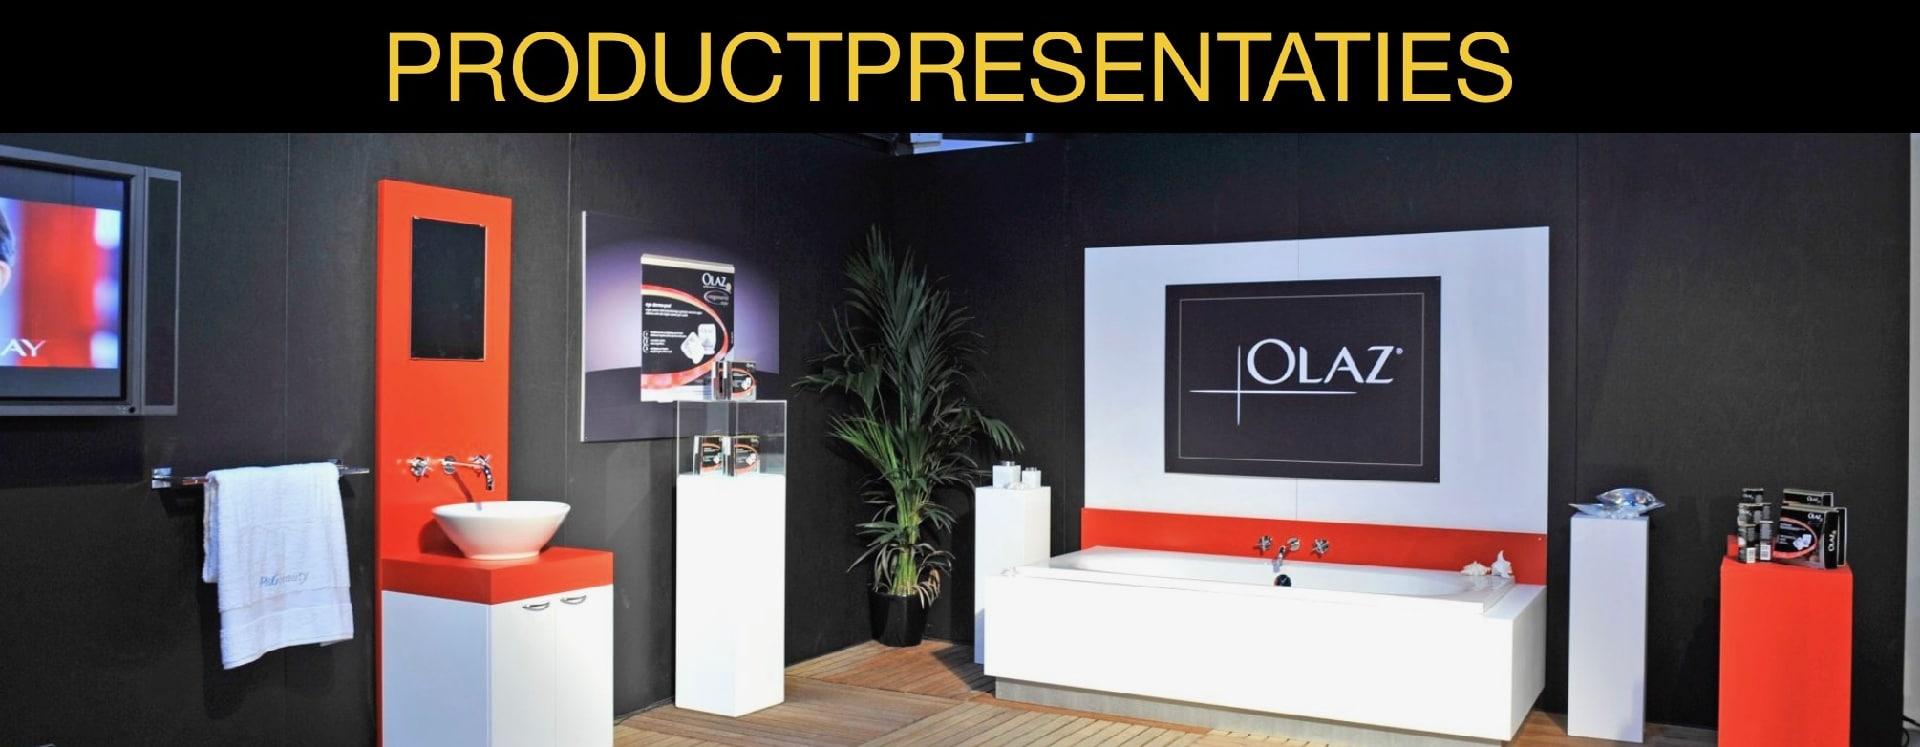 4YourEvents Slider Productpresentaties Homepage